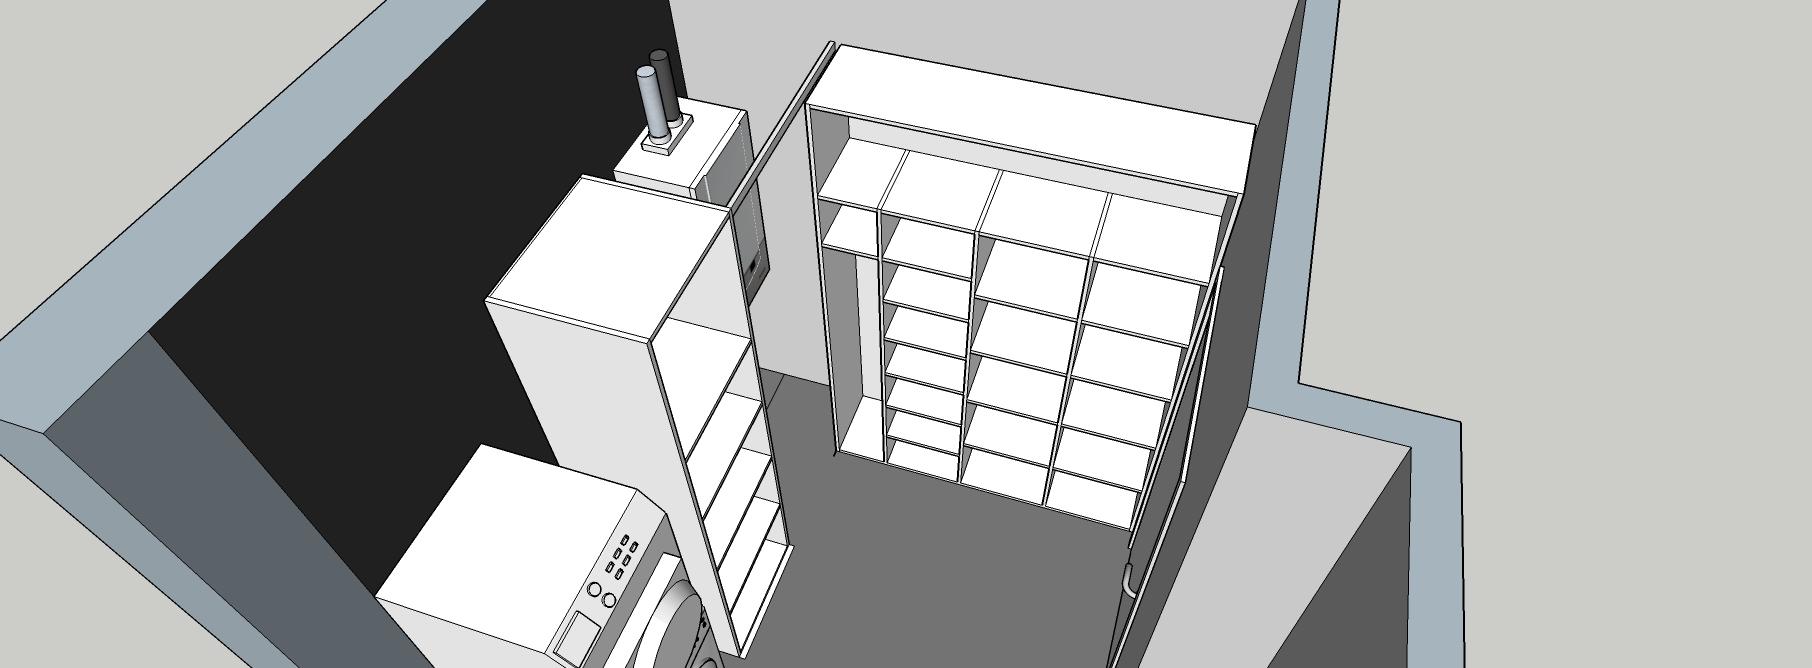 1 berging ontwerp 1 - zicht 1.jpg